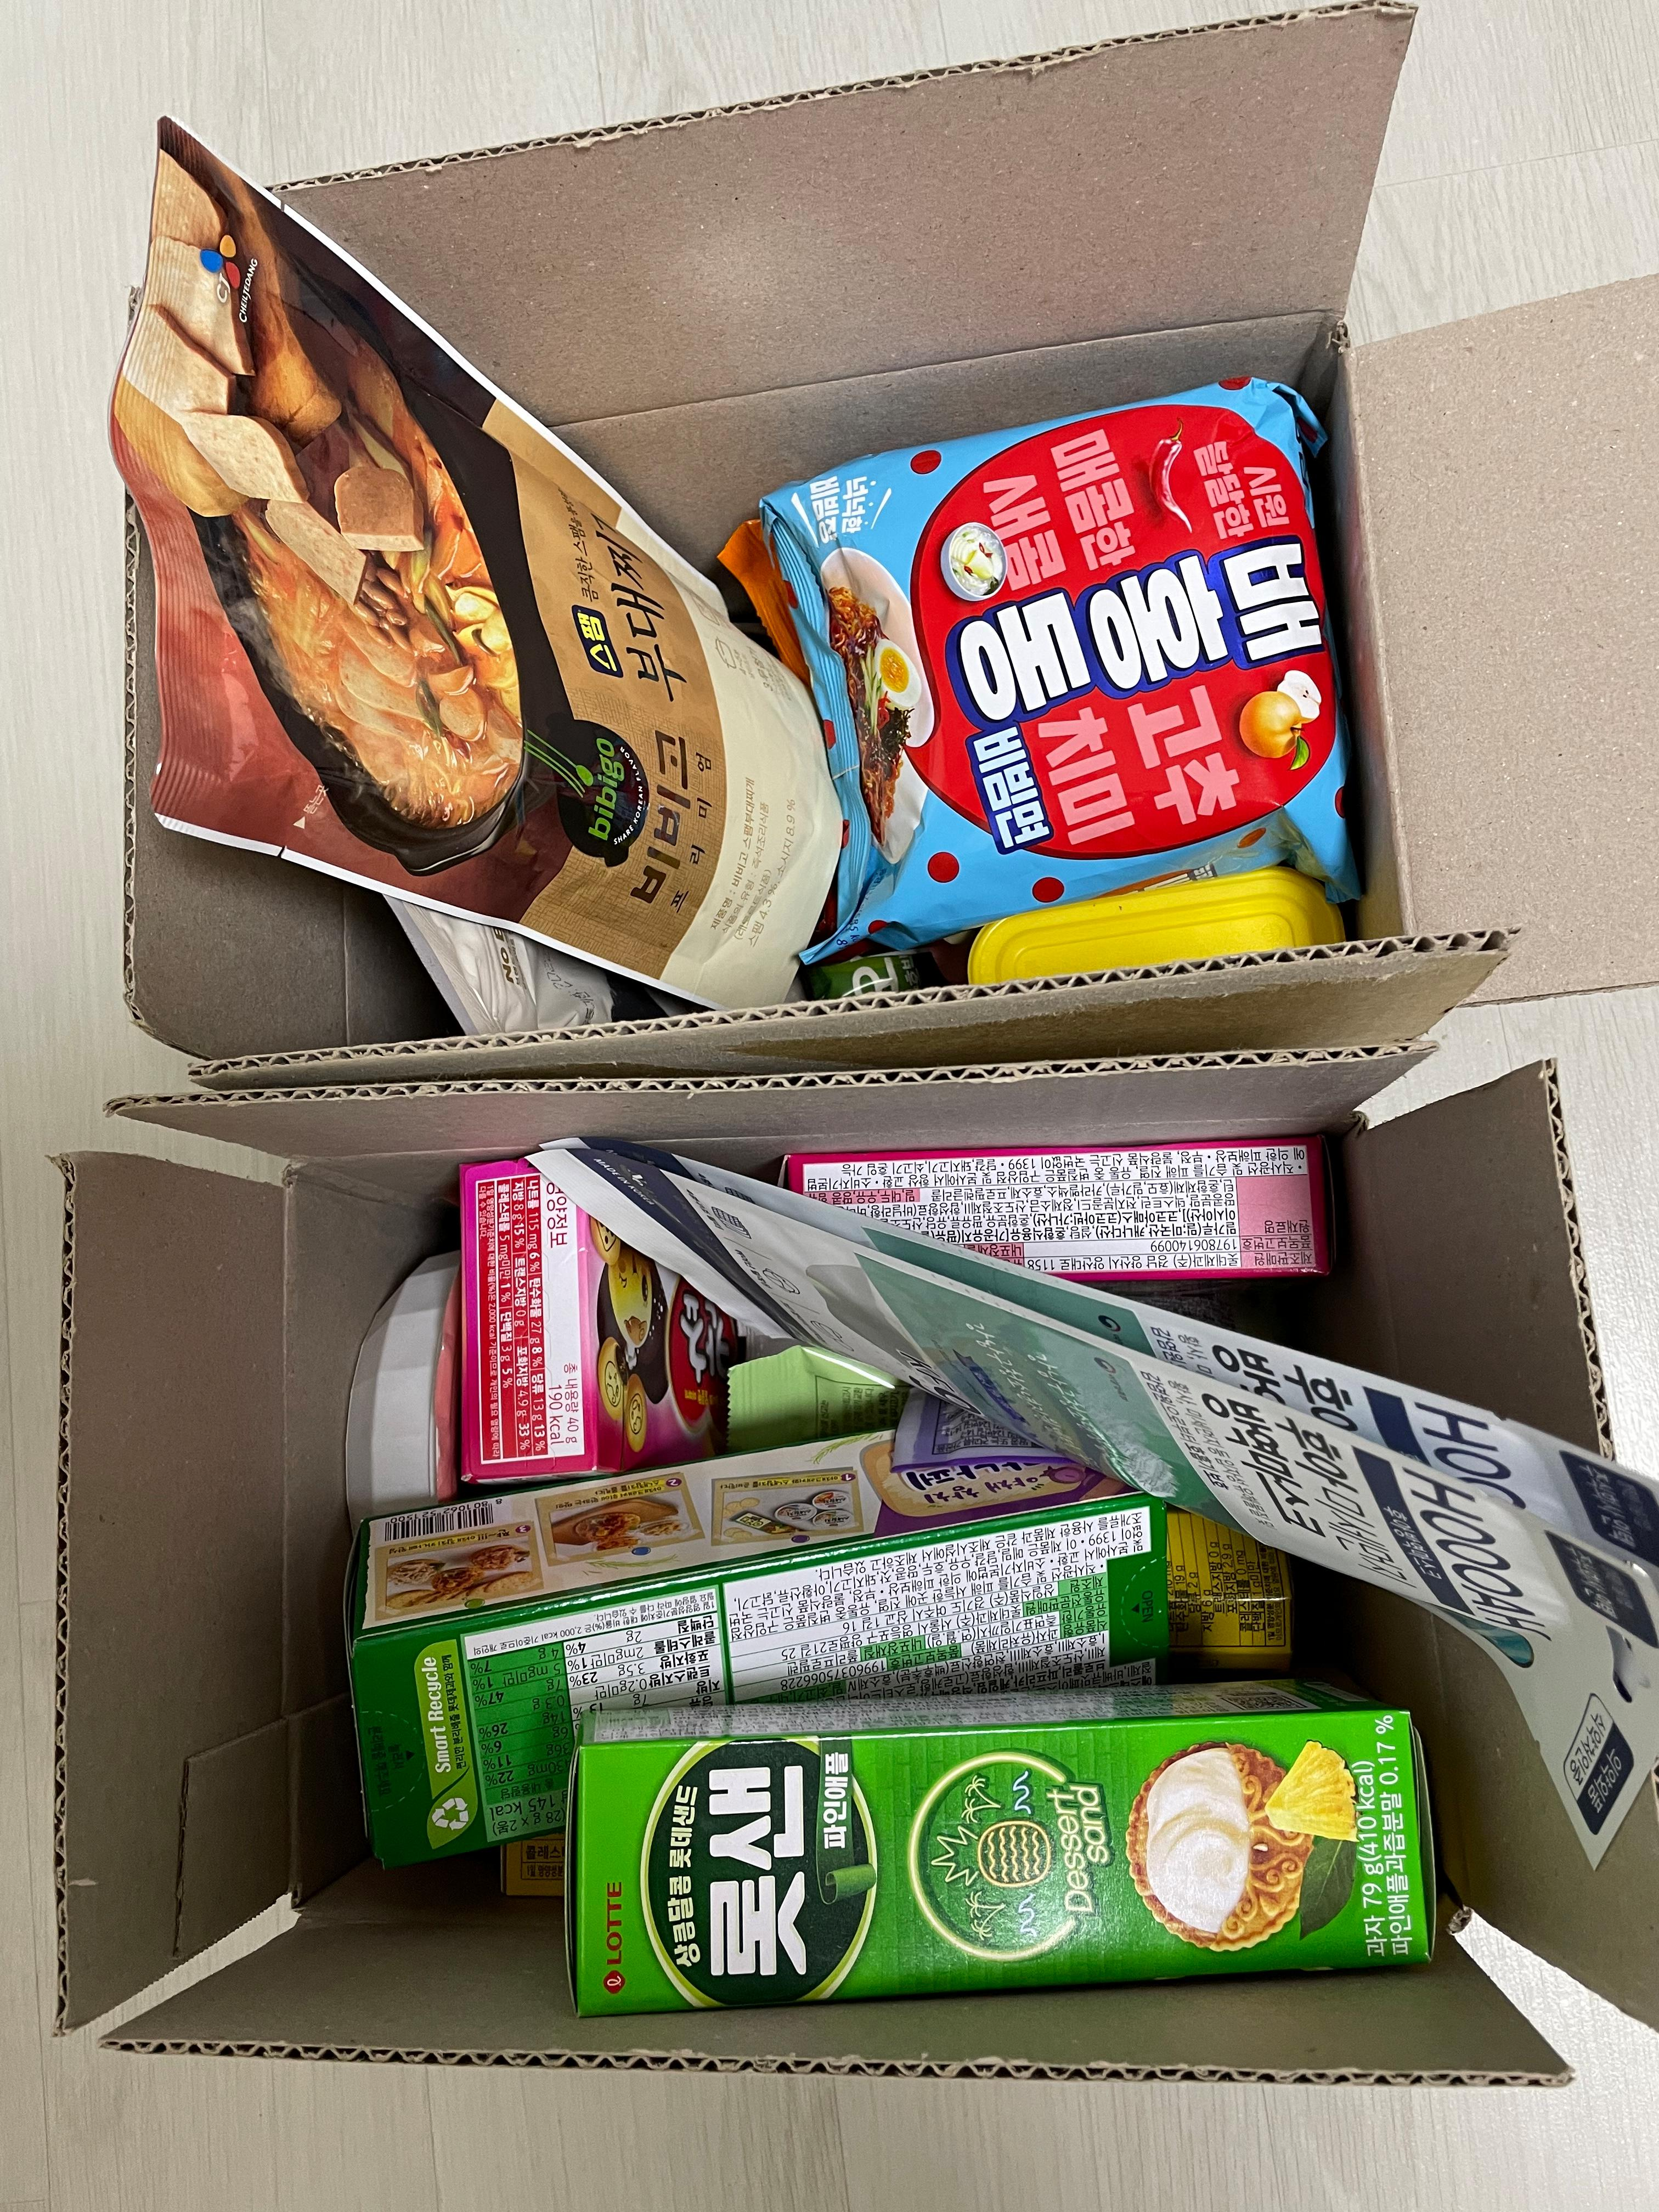 [꿈드림] 8월 급식지원 꿈드림 행복상자 배송